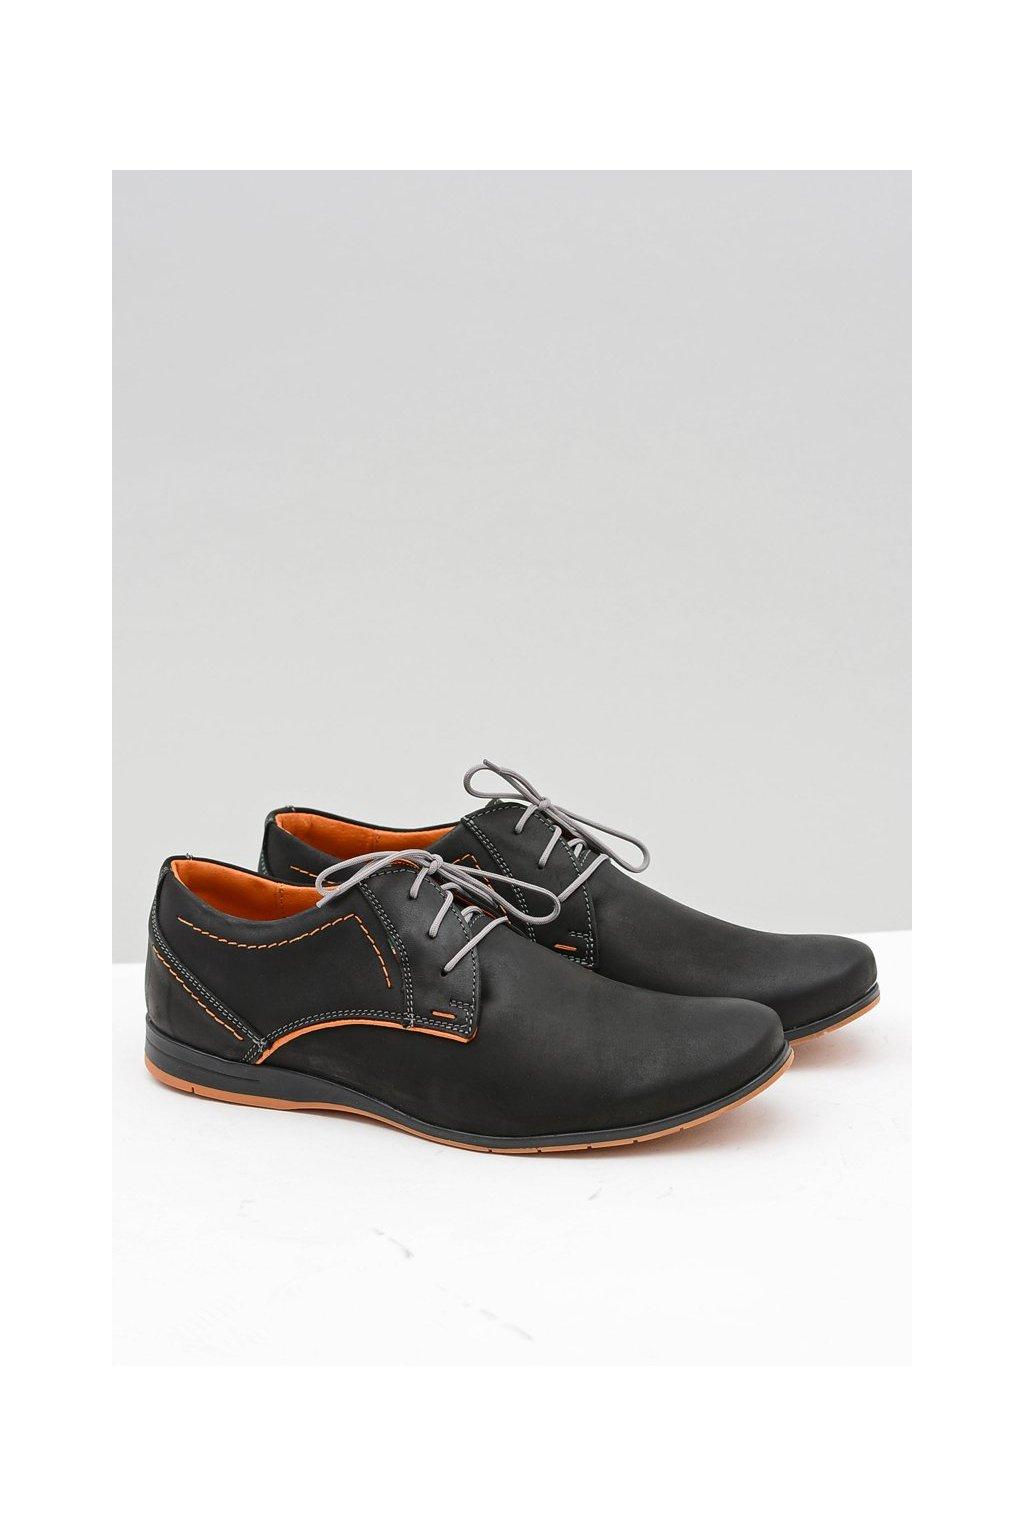 Pánske neformálne kožené topánky na voľný čas